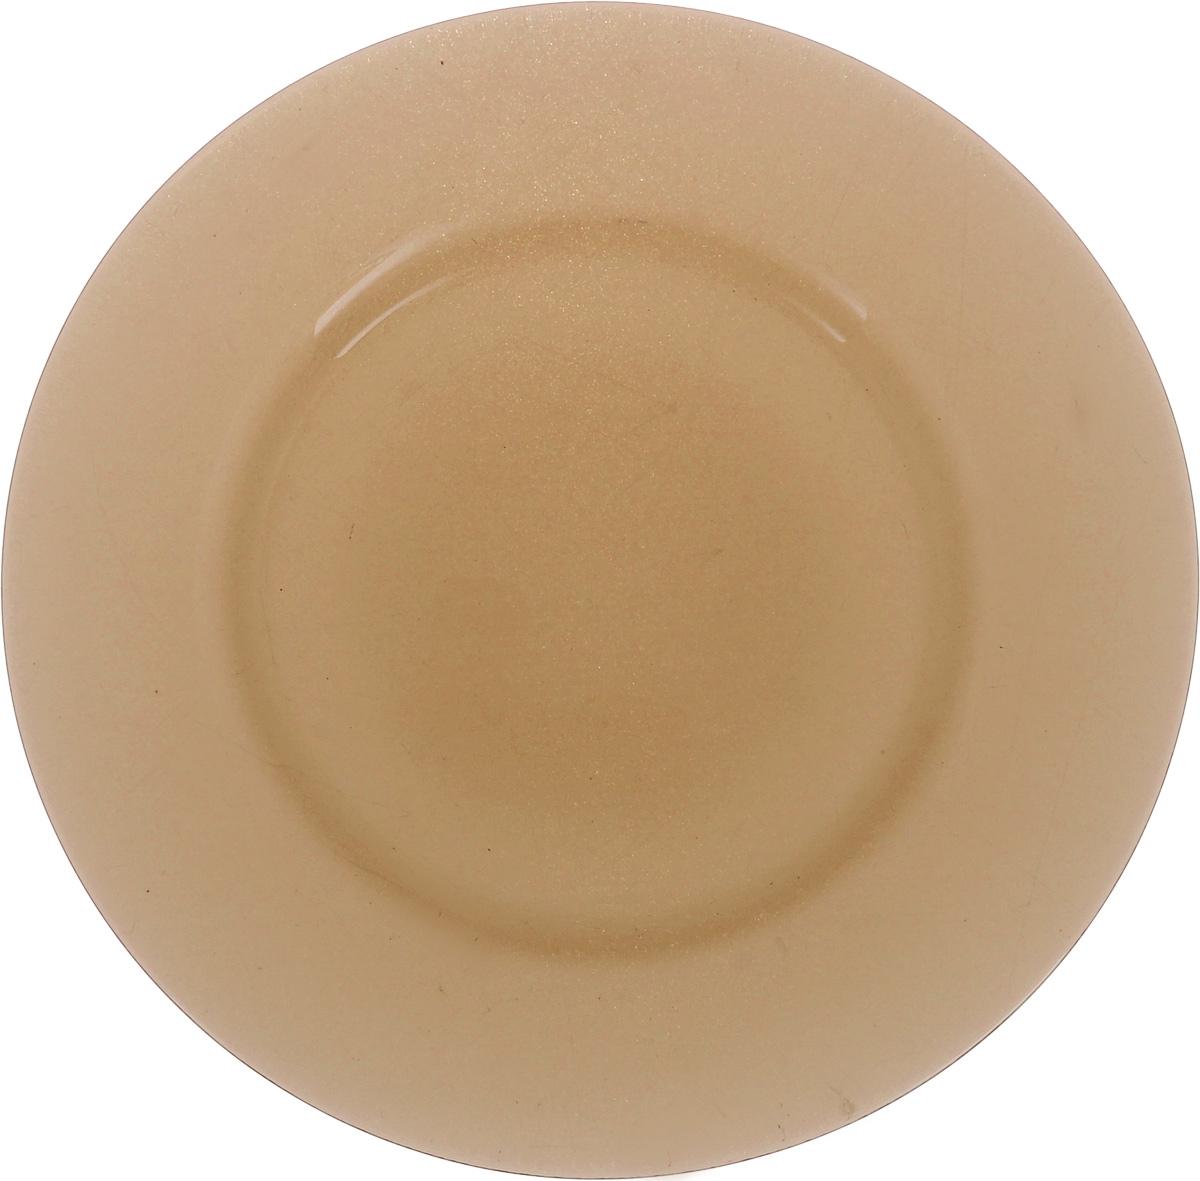 Тарелка обеденная Luminarc Directoire Eclipse, 25 см54 009312Обеденная тарелка Luminarc Directoire Eclipse, изготовленная из высококачественного стекла,имеет изысканный внешний вид. Яркий дизайн придется по вкусу и ценителям классики,и тем, кто предпочитает утонченность. Тарелка Luminarc Directoire Eclipse идеально подойдет для сервировкистола и станет отличным подарком к любому празднику.Диаметр (по верхнему краю): 25 см.Высота тарелки: 2 см.